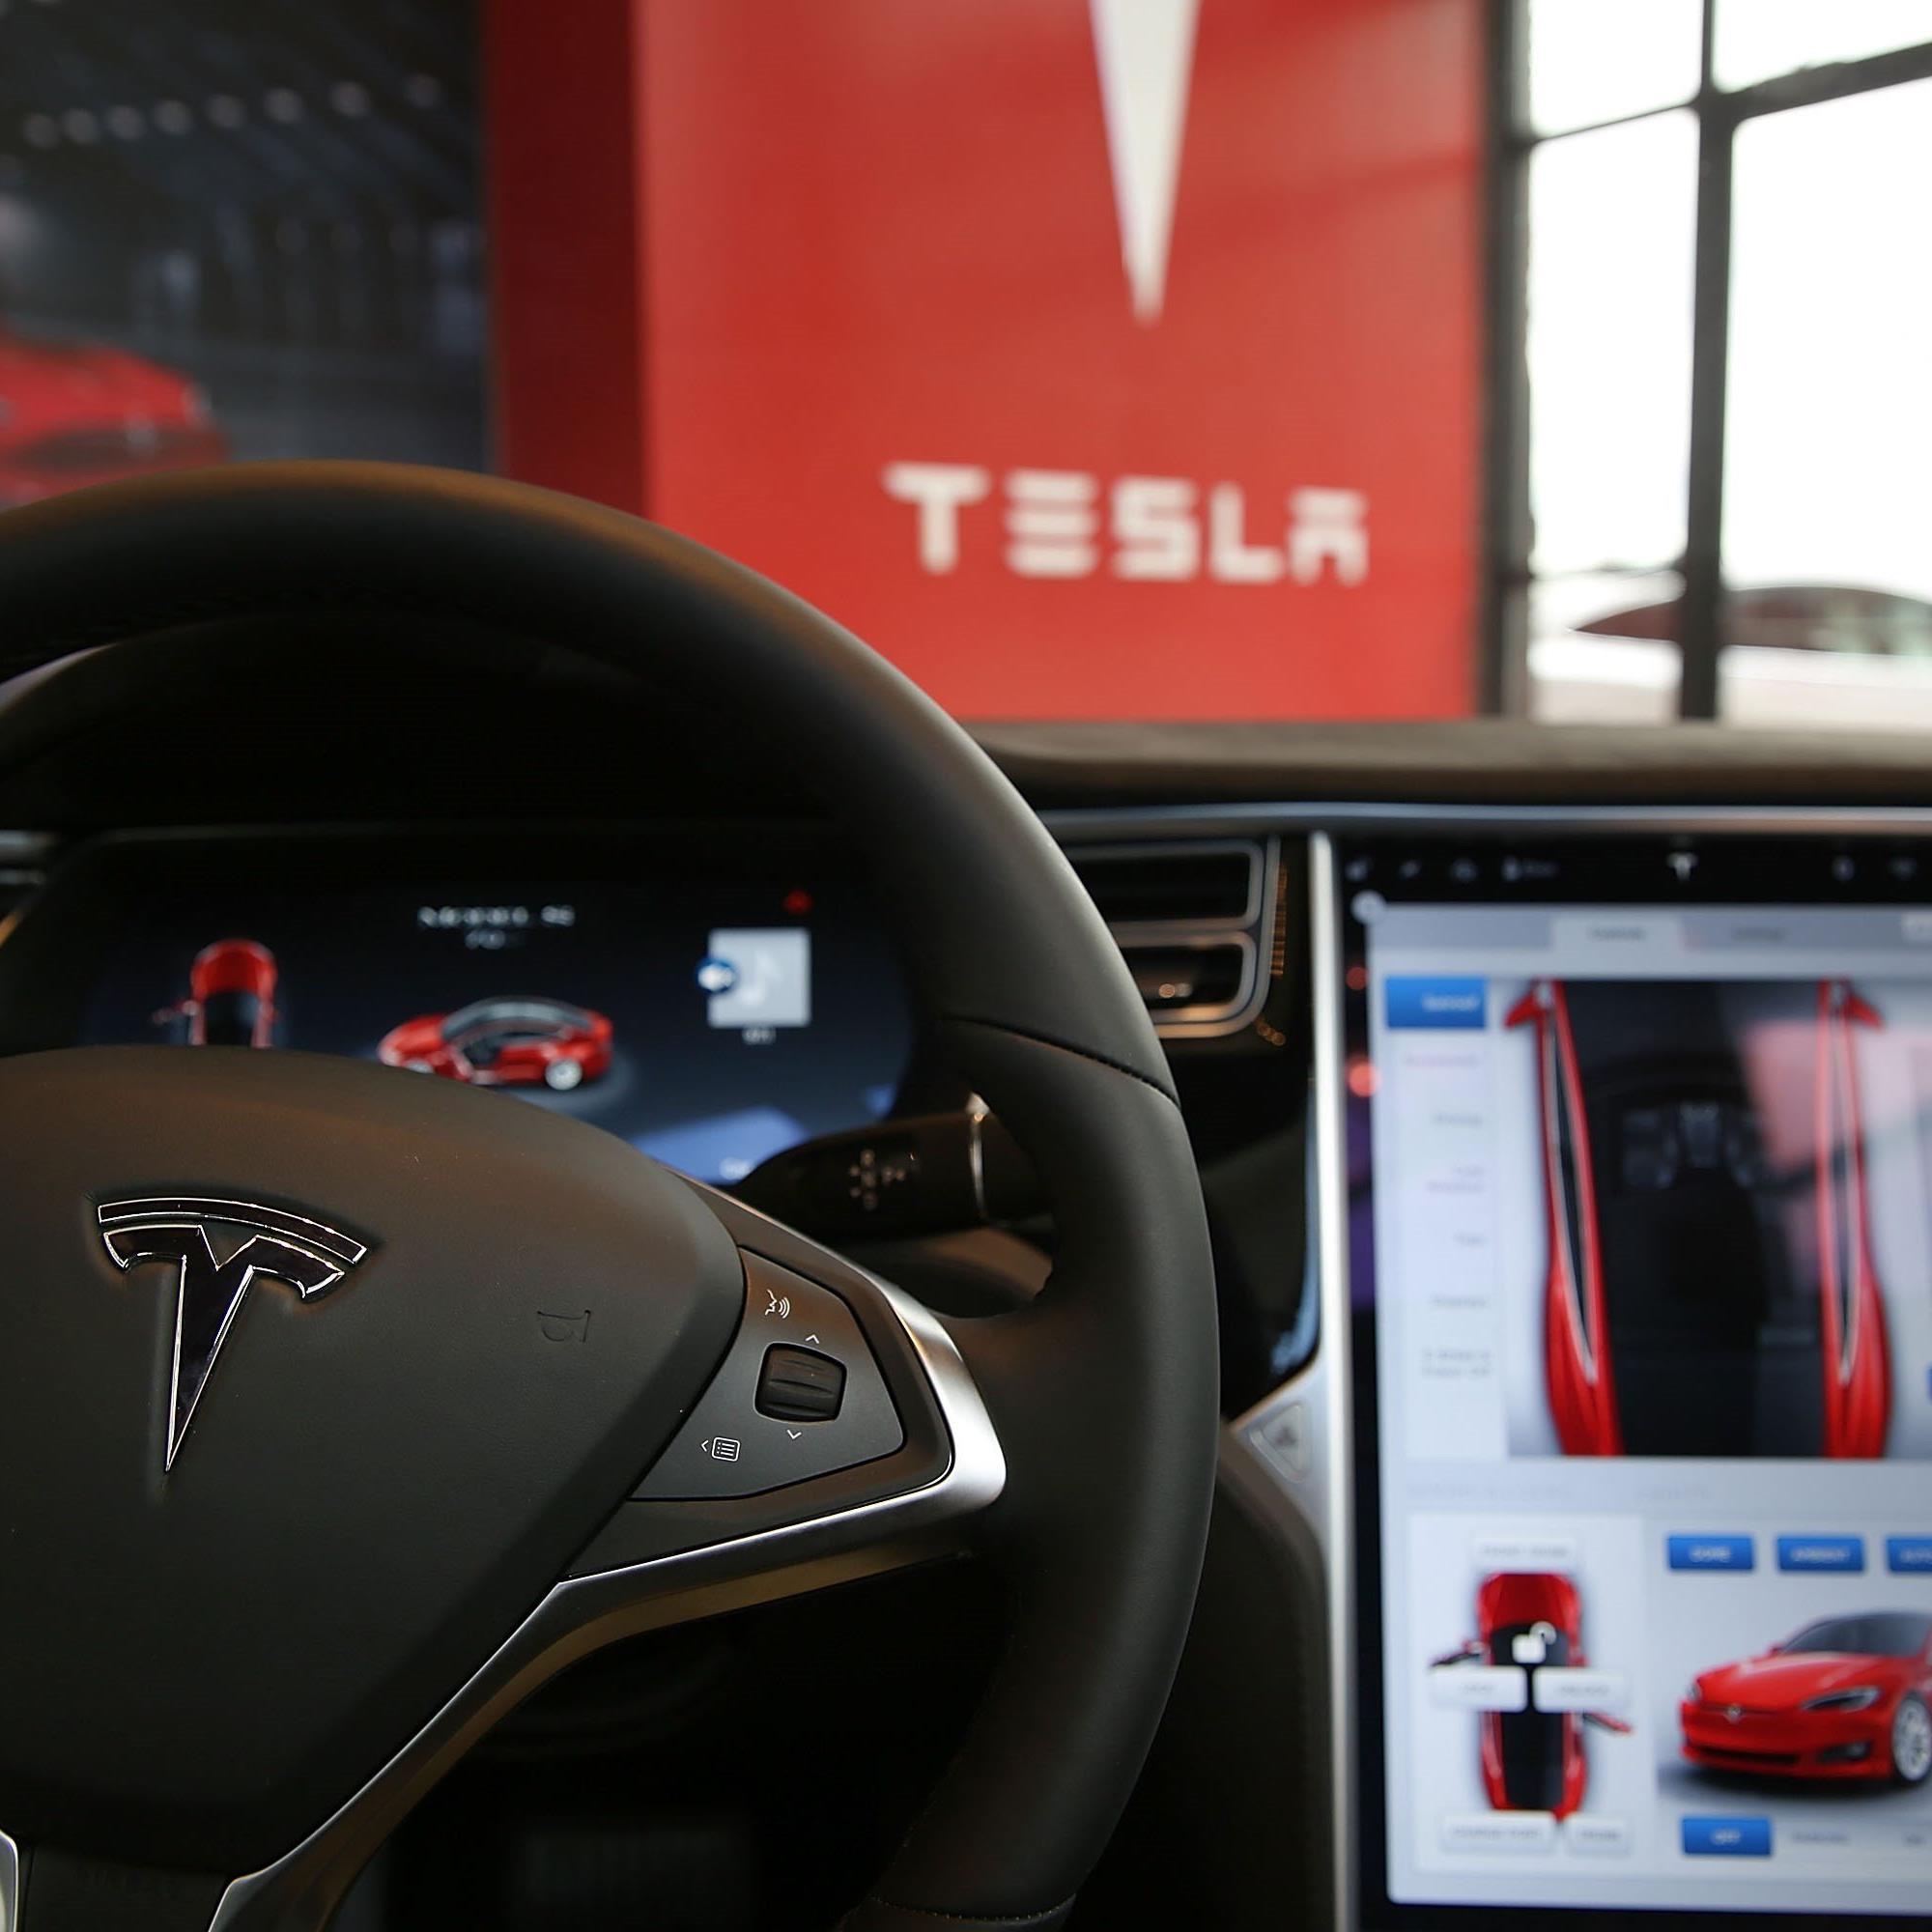 Bisher gab es nur einen Todesfall mit einem Tesla-Fahrzeug